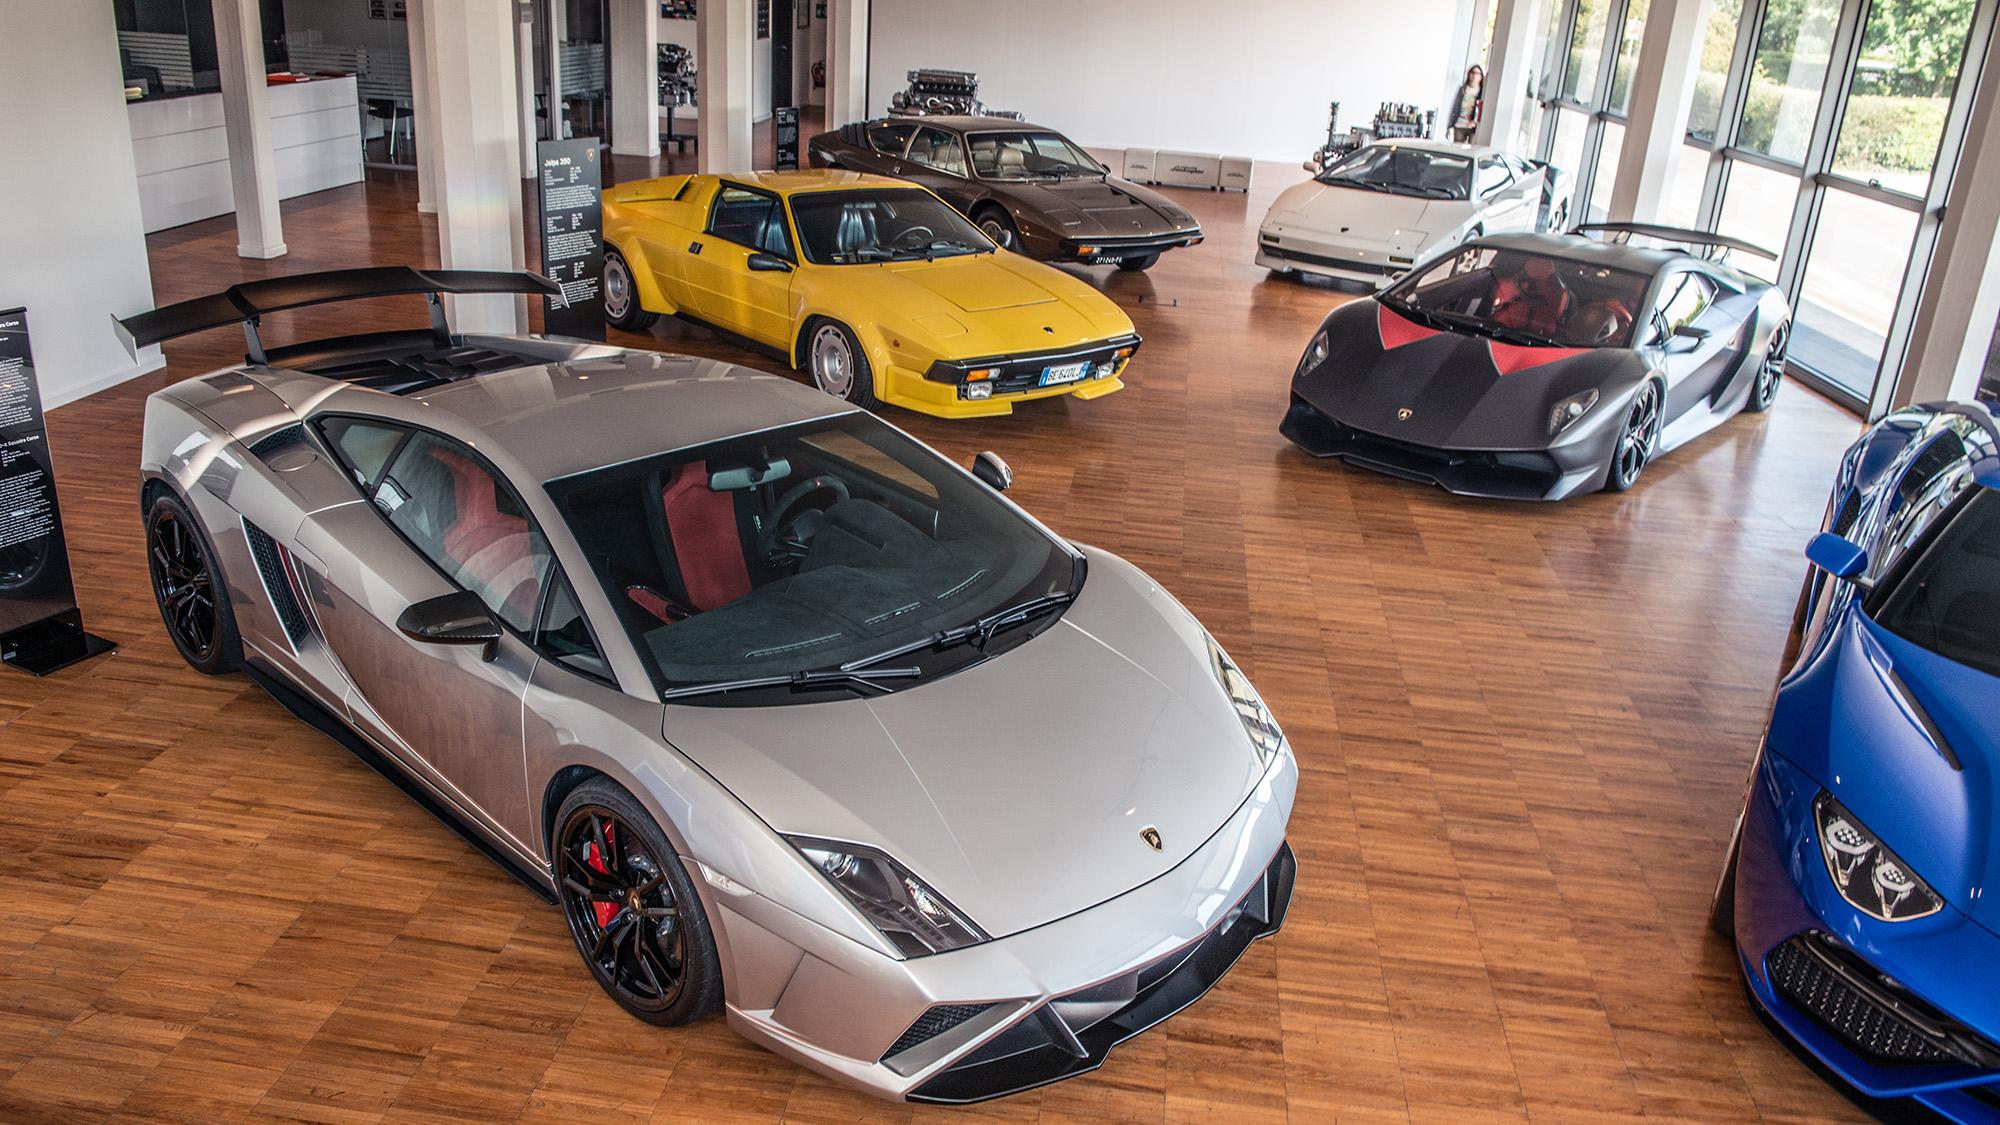 Lamborghini's secret stash of cars